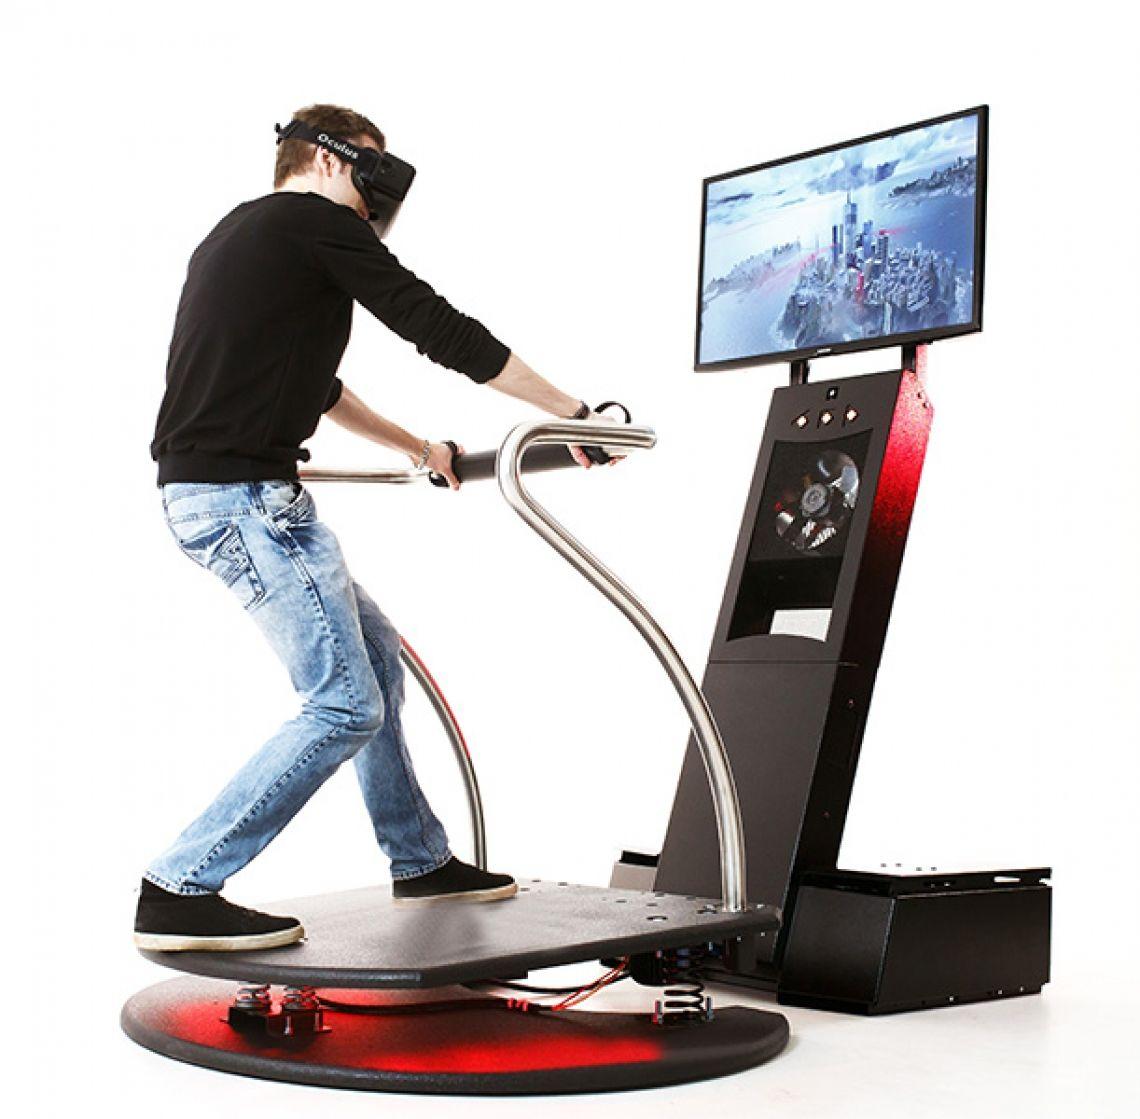 Virtual Reality Simulator / VR Simulator 5D Virtual Reality 5D Simulator Atemberaubende VR Action! Tauchen Sie ein in die Welt der Virtual Reality!  Mit unserem 5D Virtual Reality Simulator fahren Sie in einer rasanten Achterbahn, fliegen über zerklüftete Gebirge, stellen einen neuen Skisprungrekord auf oder fahren mit dem BMX durch einen Canon! Tauchen Sie ein in eine längst vergessene Welt mit gigantischen Dinosauriern oder fahren eine spektakuläre Rallye, alles ist möglich mit diesem fantastischen 5 D Simulator.  Die 360 Grad Rundumsicht, das bewegliche und vibrierende Podest inkl. Windmaschine lassen in Verbindung mit den ultrarealistischen Grafiken und Sound diesen Simulator zu einem unvergesslichen Erlebnis werden.  Für die Zuschauer liefern wir einen 50″ Monitor damit Sie das Geschehen verfolgen können.  Wir liefern Ihnen unseren 5D Virtual Reality Simulator mit 24 Extremsportarten und Extremabenteuer.  1. Fly in Mountains : Unglaublicher Flug übers Gebirge! 2. Fly in Mountains 2: Spüren Sie den freien Fall…… 3. Snow Slope : Fahren Sie wie ein Profiskiläufer durch steile Kurven 4. Jump : Skispringen! Das ist Adrenalin pur! 5. Rally Race : Hier kann man (und Frau) richtig Gas geben.. 6. City Hammer : Die riesige Schaukel wird Ihre Nerven kitzeln 7.Fortress Coaster : Mit hoher Geschwindigkeit durch ein mittelalterliches Schloss 8. Hover Man : Im Wingsuite im freien Fall 9. The Box : Spüren Sie den geometrischen Tanz der Figuren in der Achterbahn 10. Scream Coaster : Mit der Achterbahn in rasanter Geschwindigkeit 11. BMX Canyon : Mit dem Fahrrad durch den Grand Canyon 12.Dinorush : Tauchen Sie ein in die Welt der Dinosaurier 13. Motorrad Challenge : Mit dem Motorrad durch das malerische Gebirge 14. Big Bungee : Bungee Springen im Grand Canyon  + 10 weitere Extrem Abenteuer: Overpass Madness, Graveman, Buggy Race, Freedomfly, Dinofly, Quadrozone, Xriver, Crazy Pipe, Sand Wars, Rollergeschwindigkeit, gerne senden wir Ihnen eine geanue Aufstellung aller Spiele zu. 